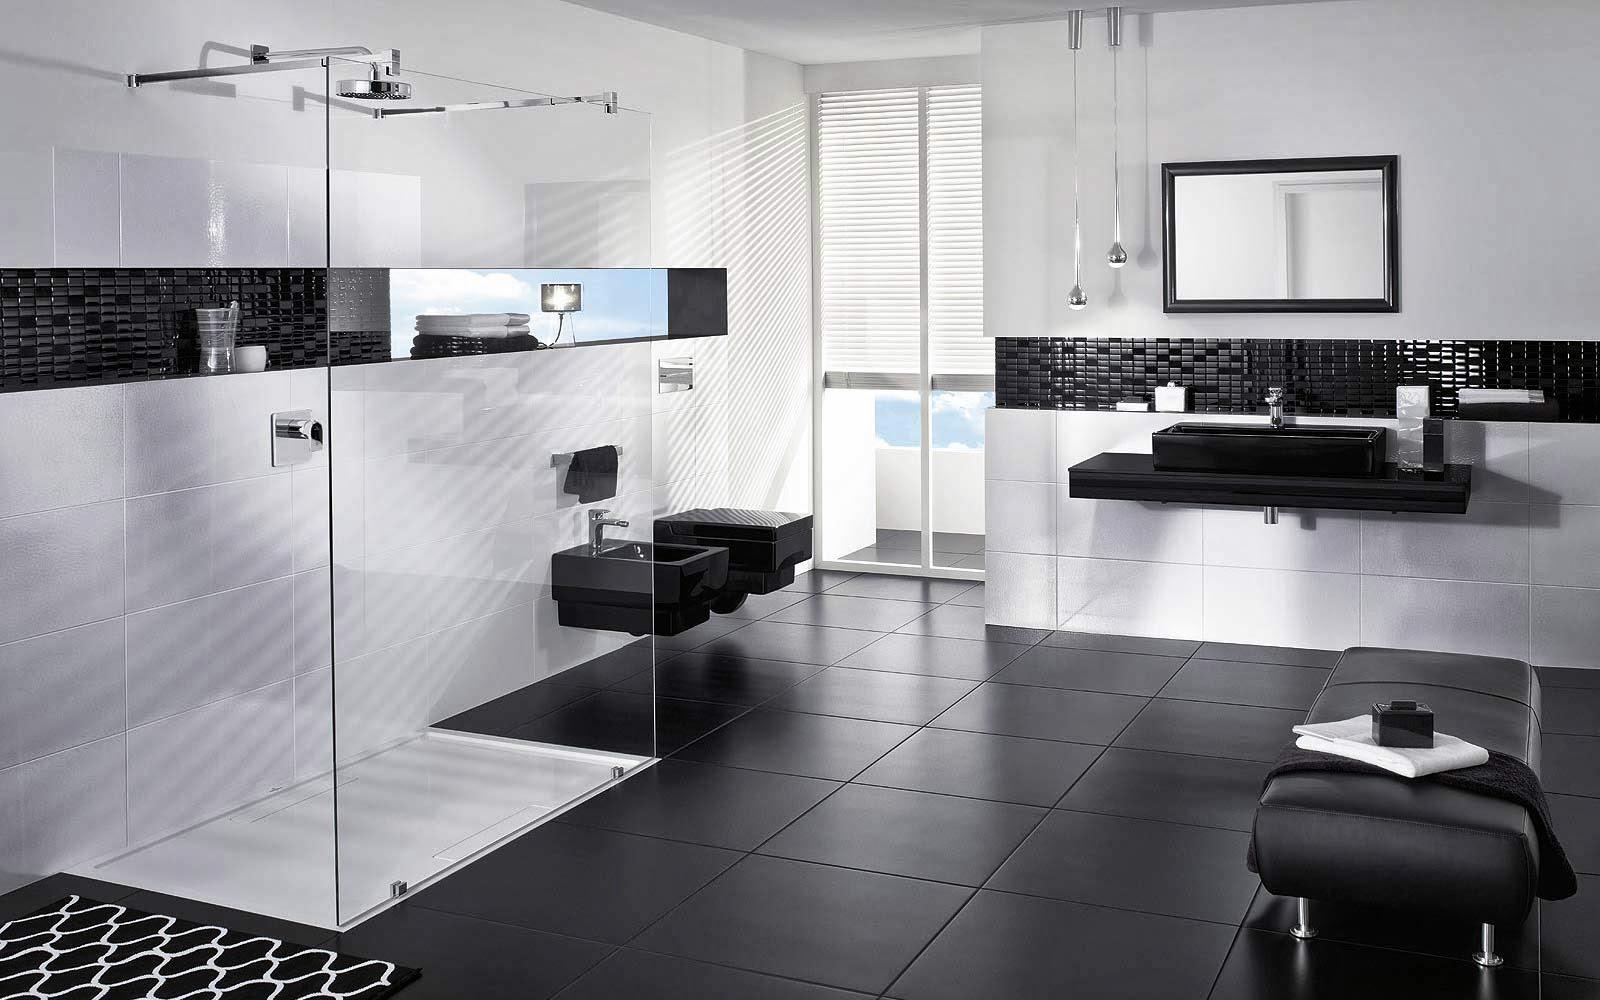 Imagenes De Baños Con Ceramica Negra:Fotos de baños en blanco y negro – Colores en Casa